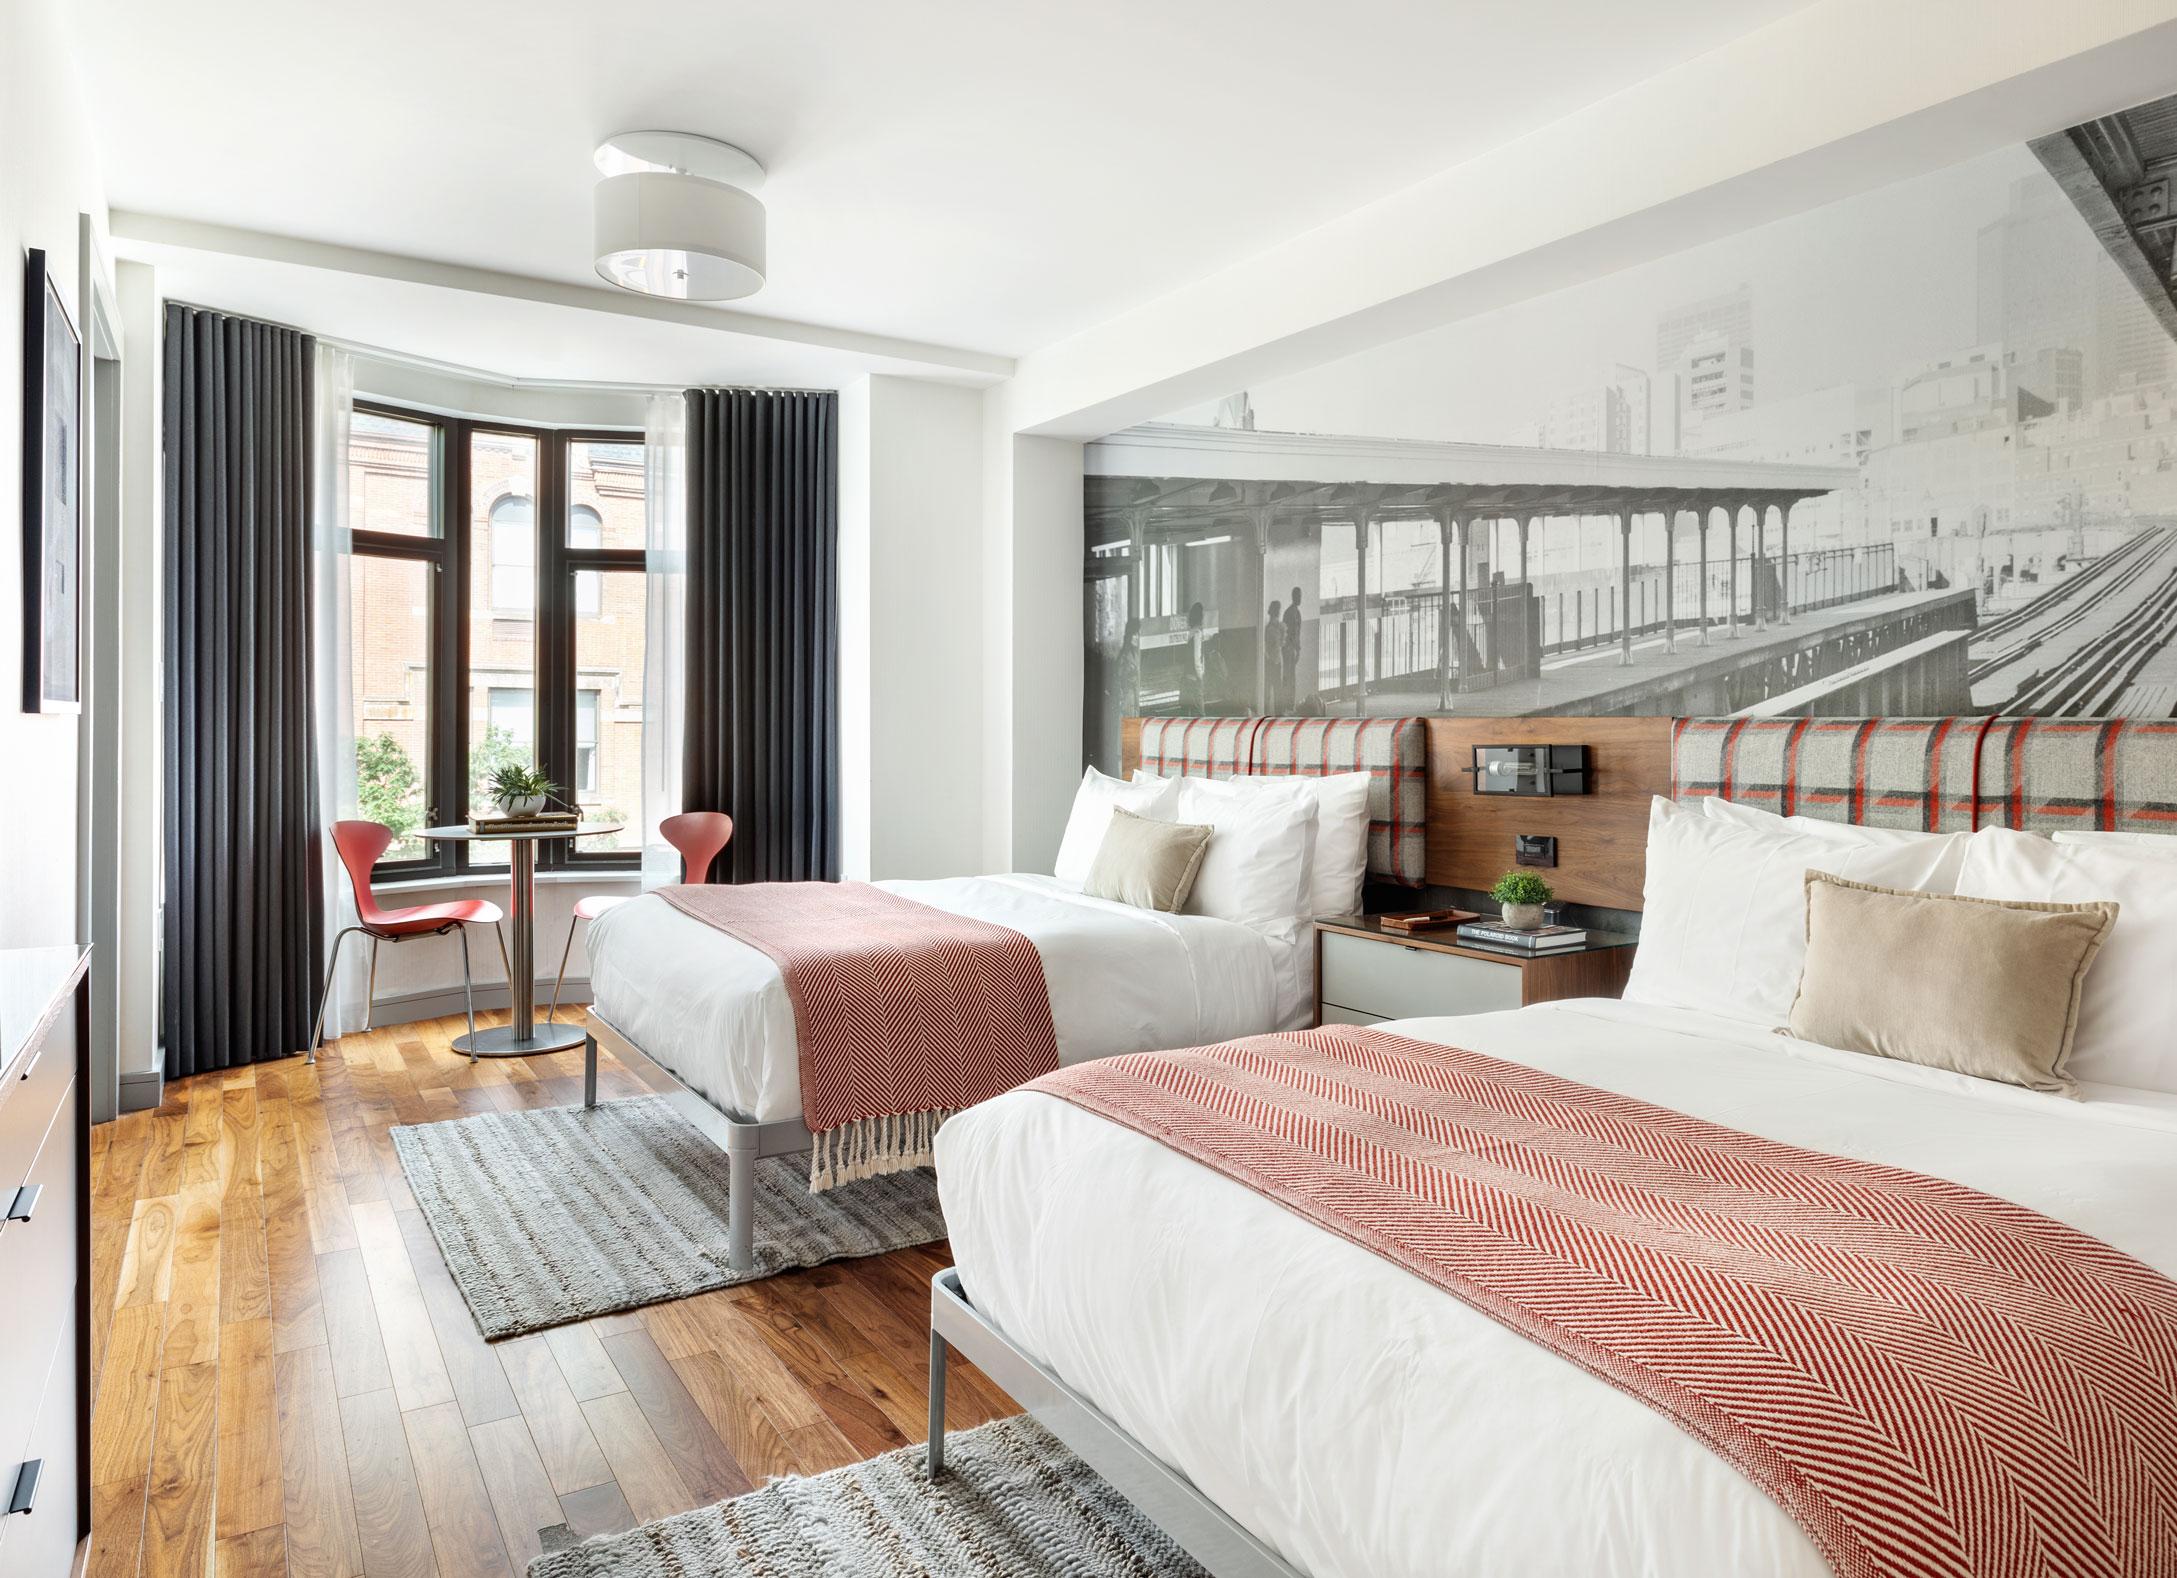 Revolution Hotel Room